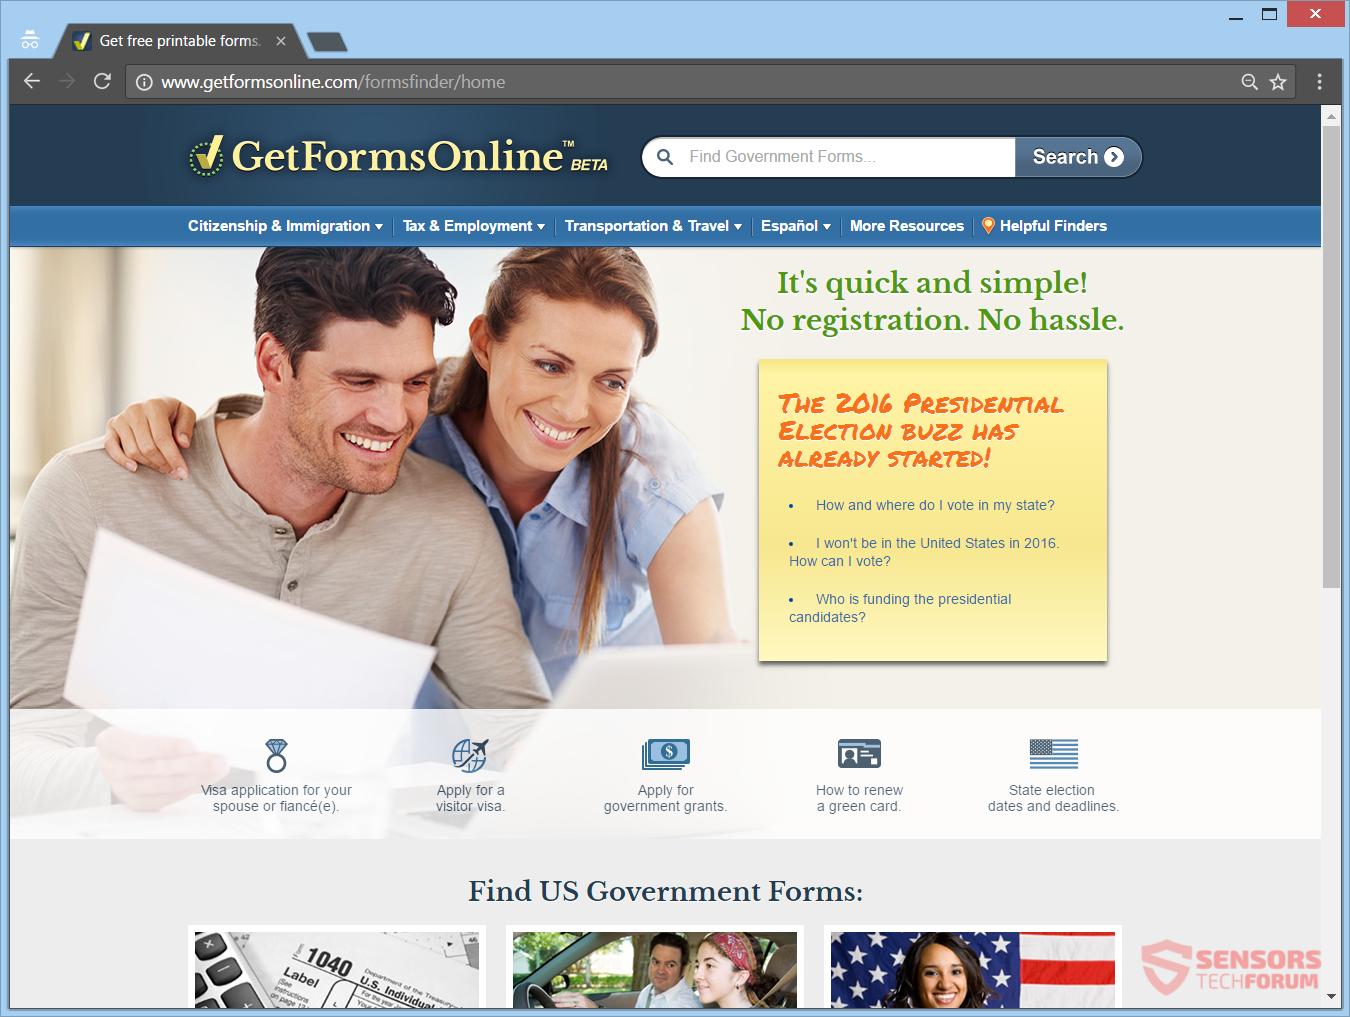 getformsonline-get-forms-online-forms-finder-home-official-site-mindspark-interactive-stf